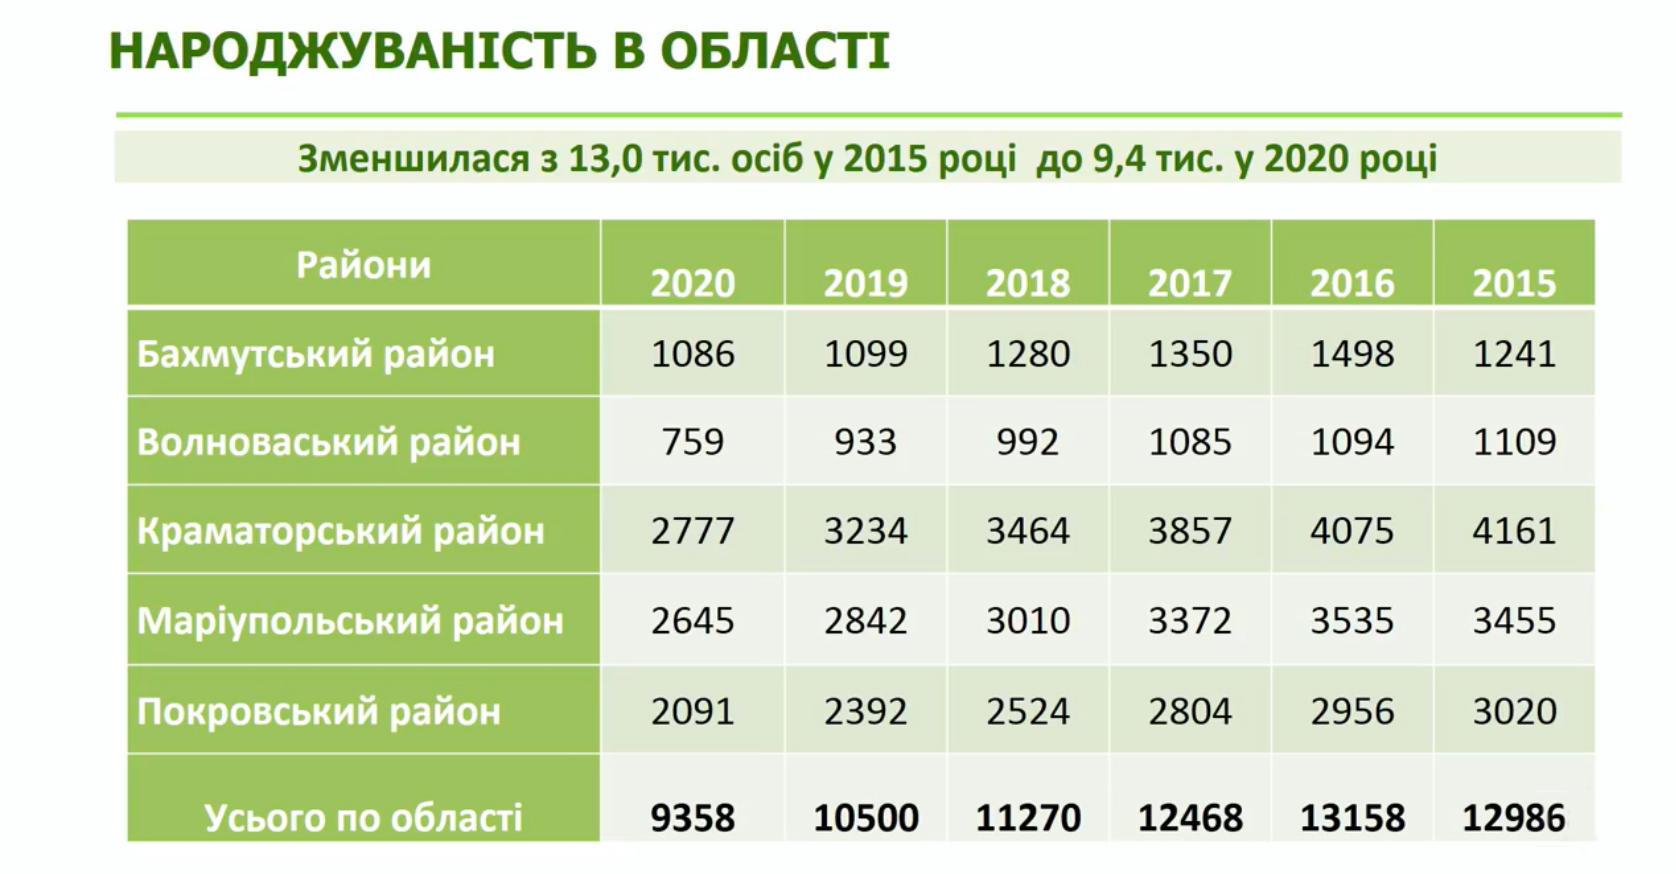 На Донеччині з 5 років суттєво знизився рівень народжуваності